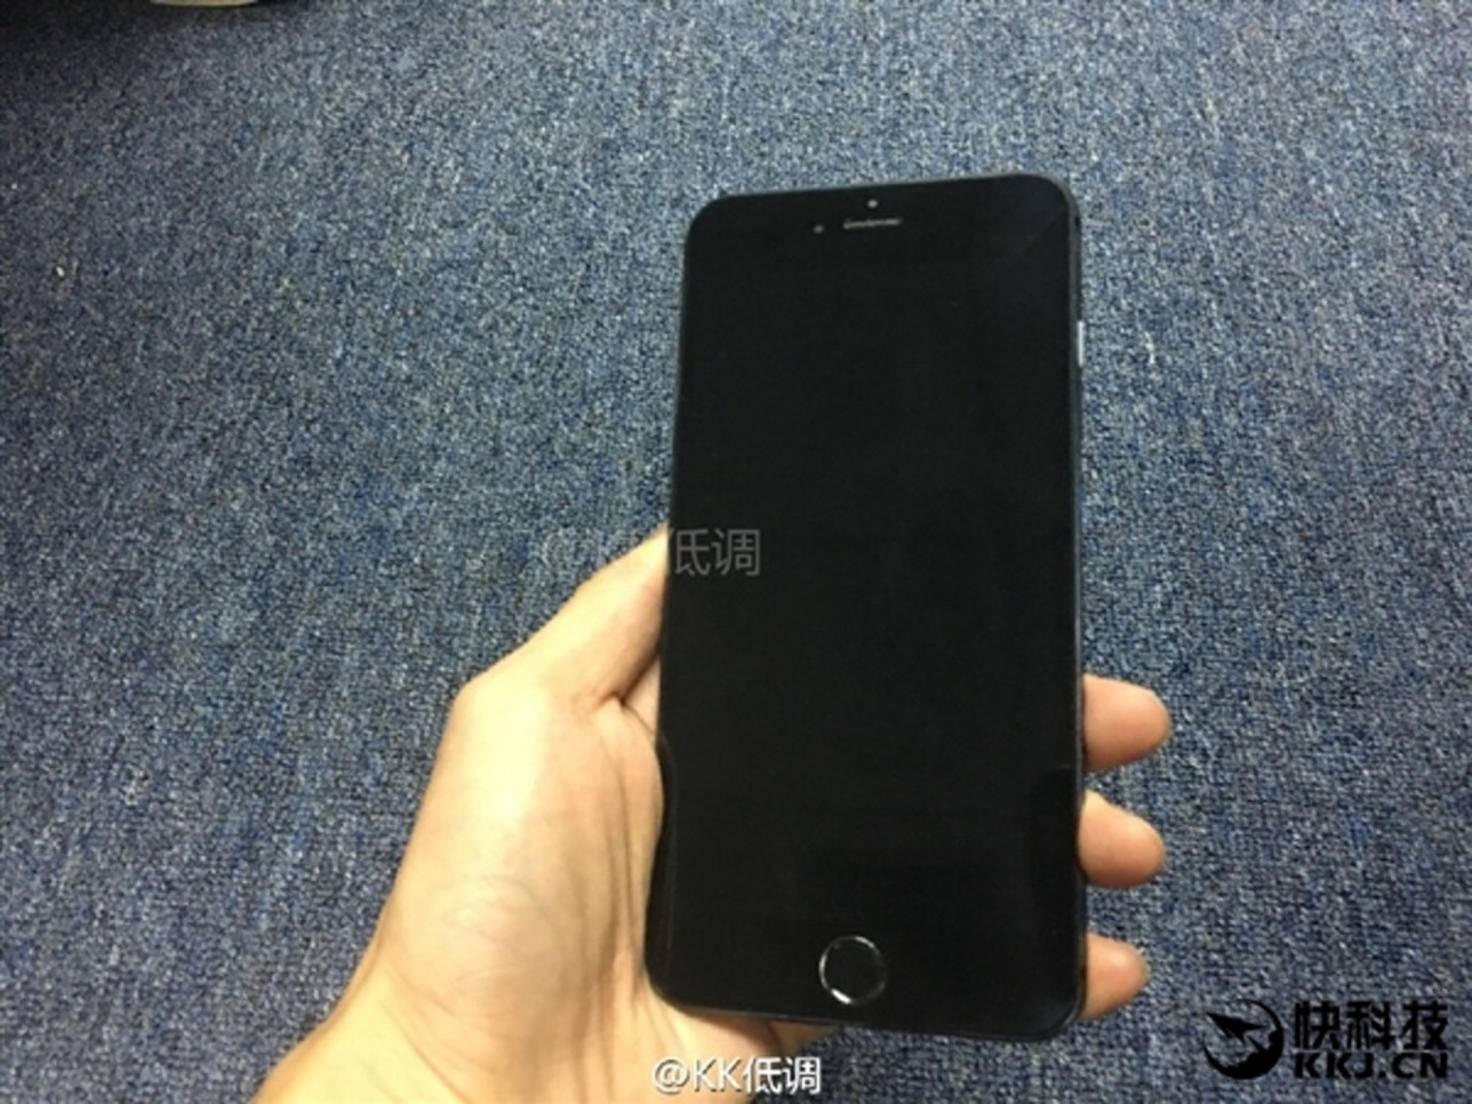 Ist dies das iPhone 7 Plus?